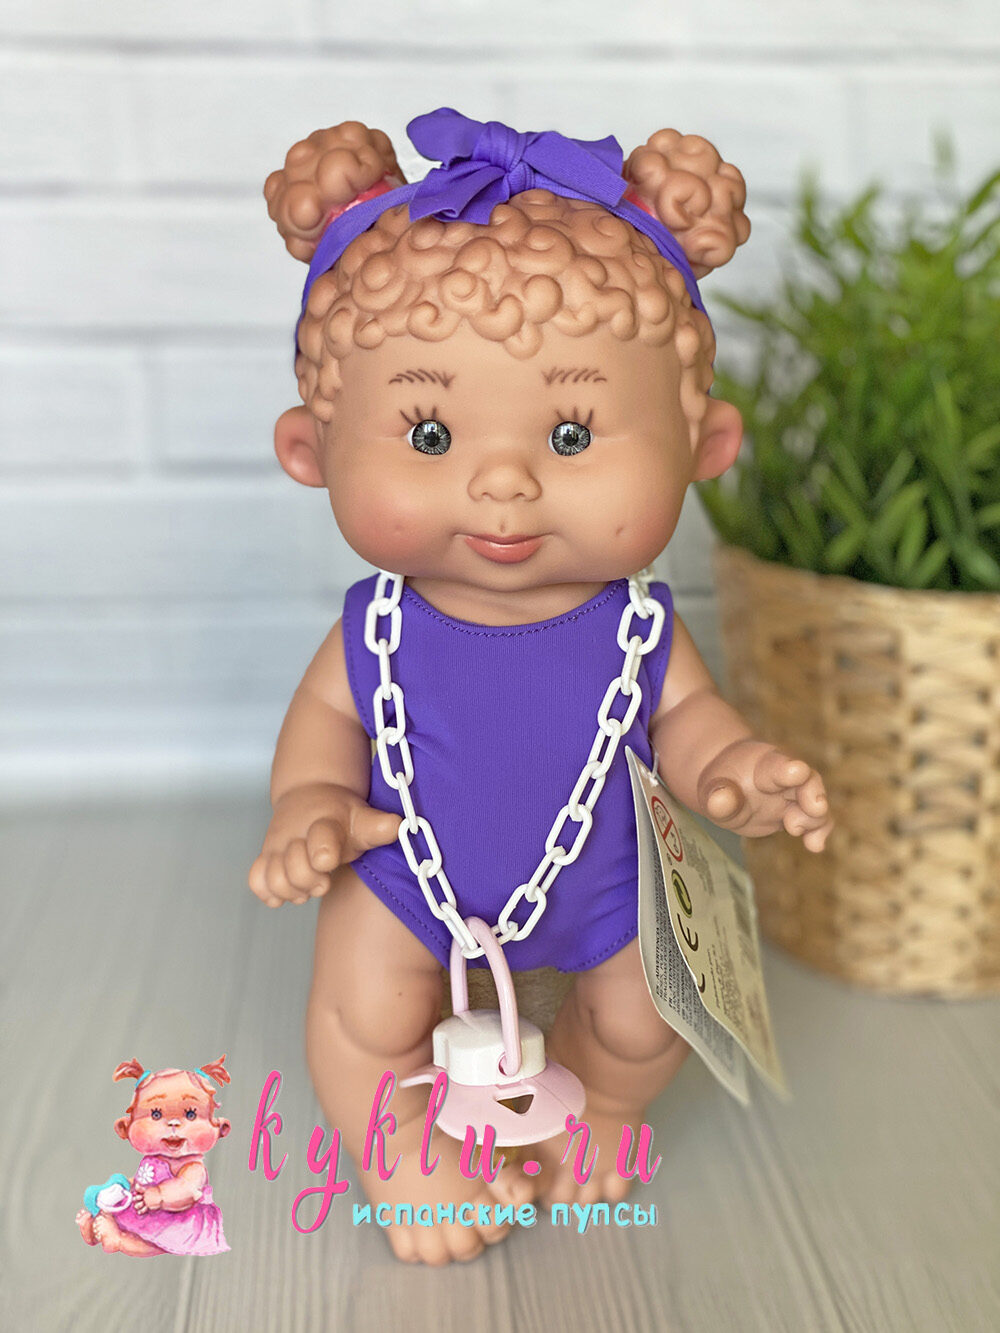 Пупс с кудряшками в фиолетовом купальнике